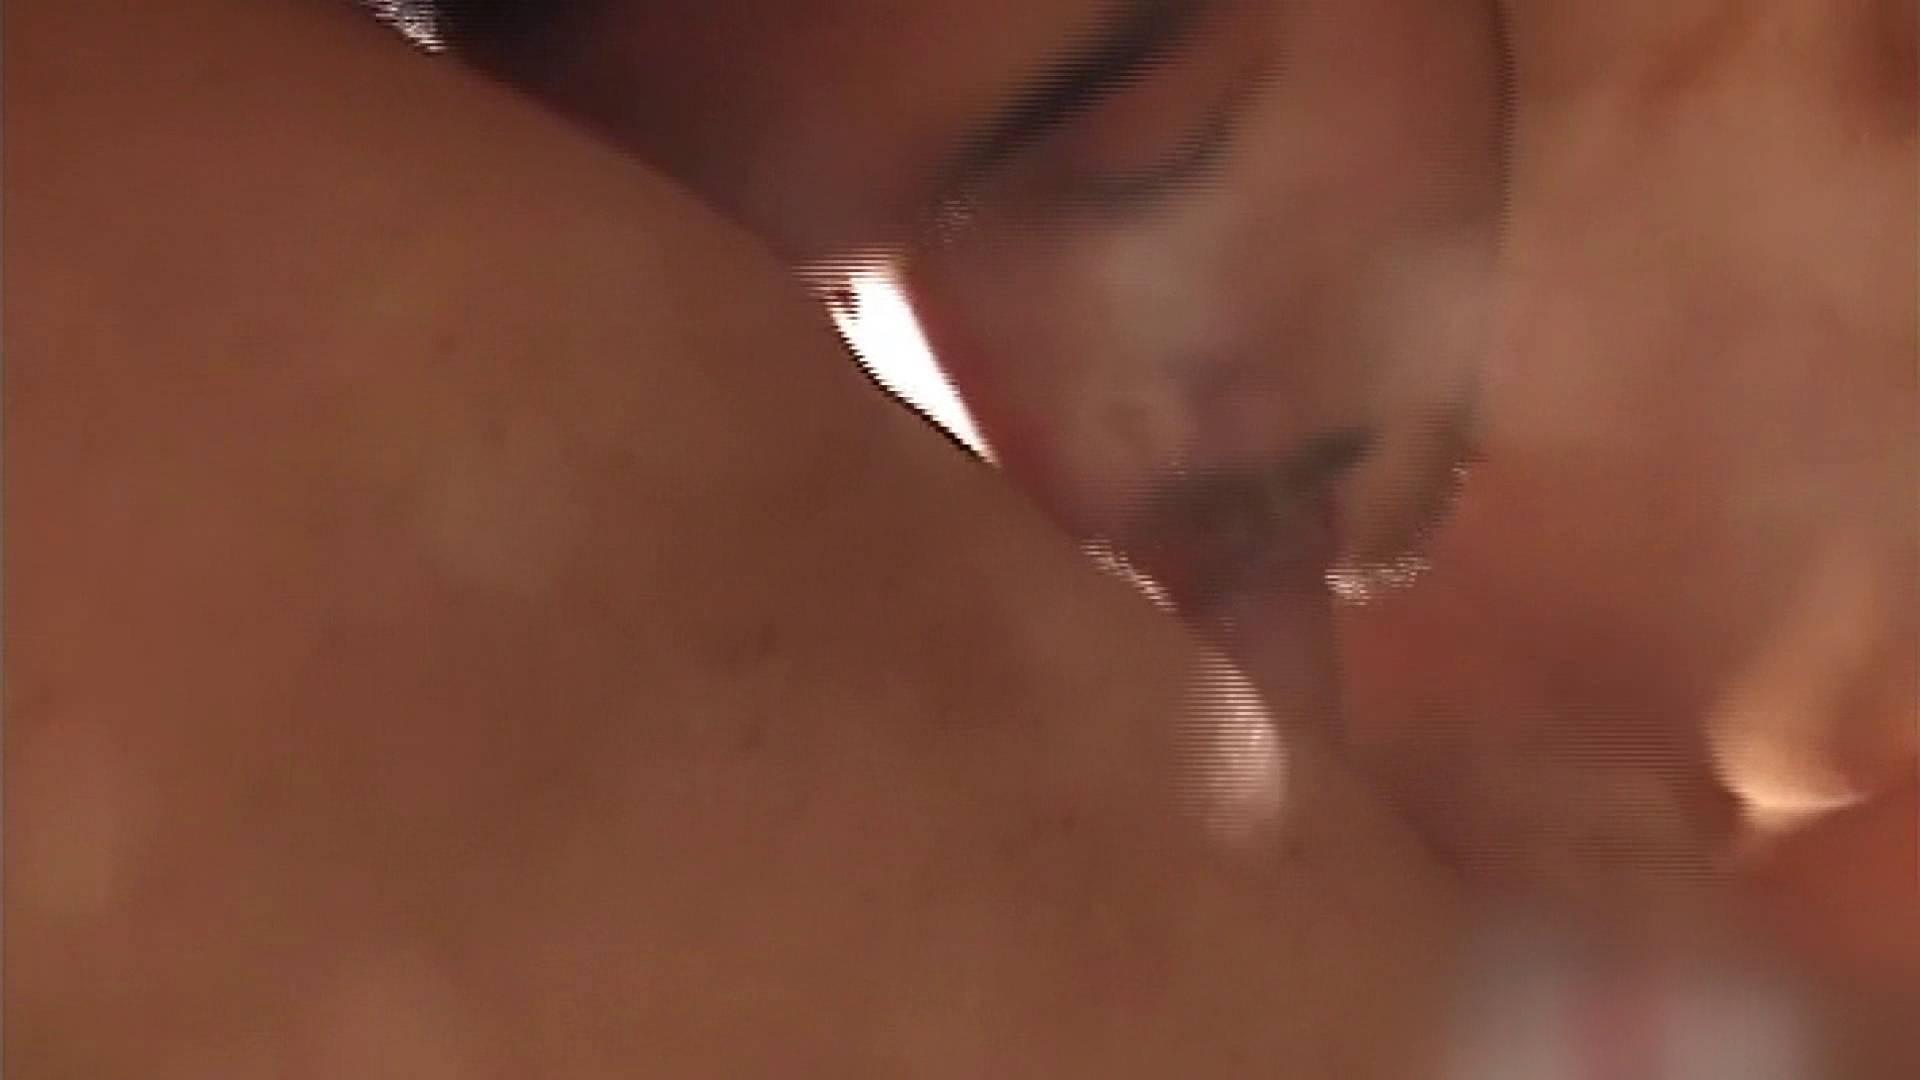 ゲイ 肉棒 動画|筋肉バカのおてぃんてぃんはほとんどゲイだからぁ…vol.3|スジ筋系